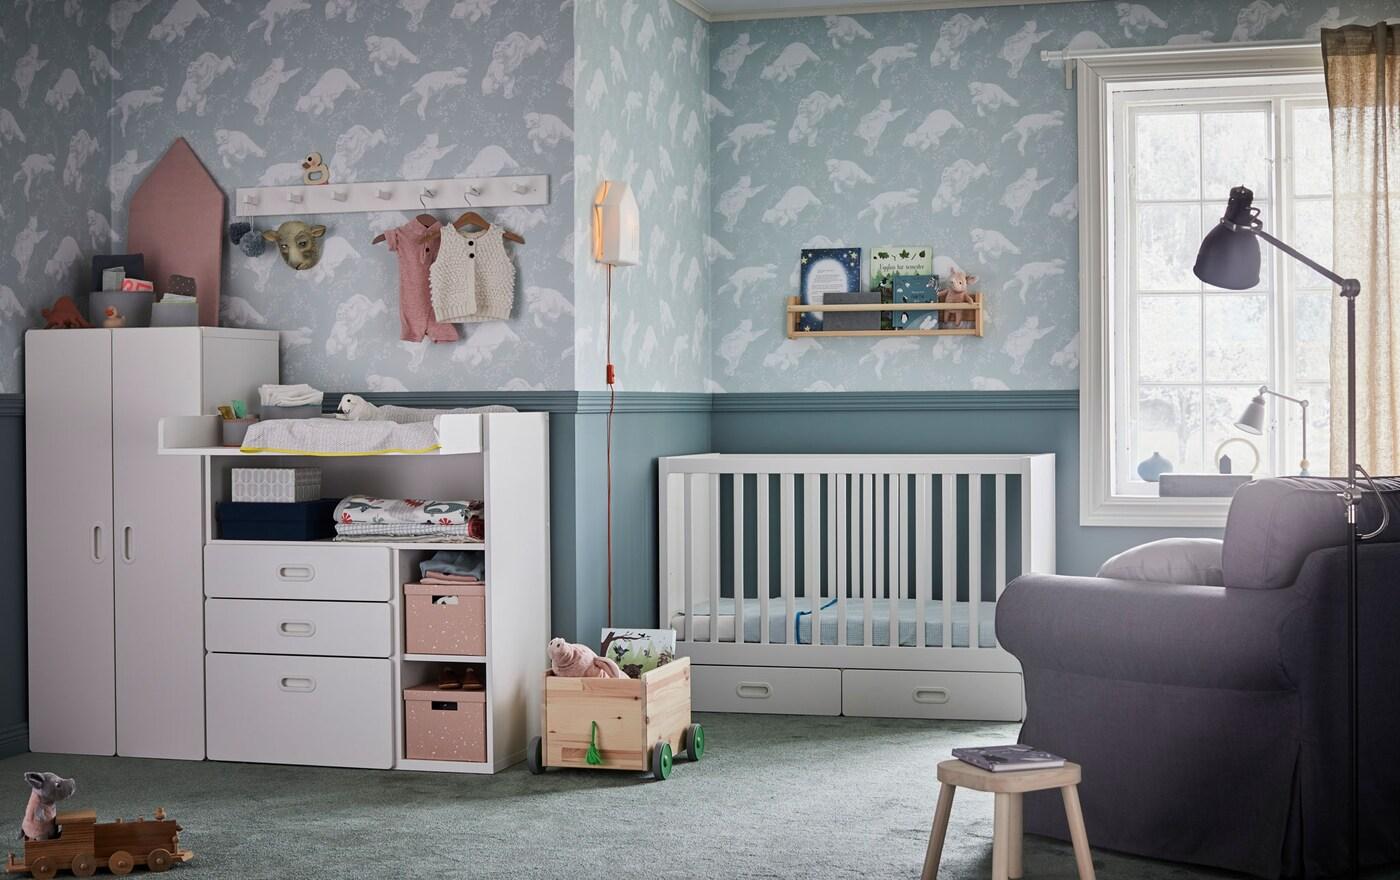 Crea La Tua Camera Ikea lasciati ispirare dalle nostre camerette - ikea